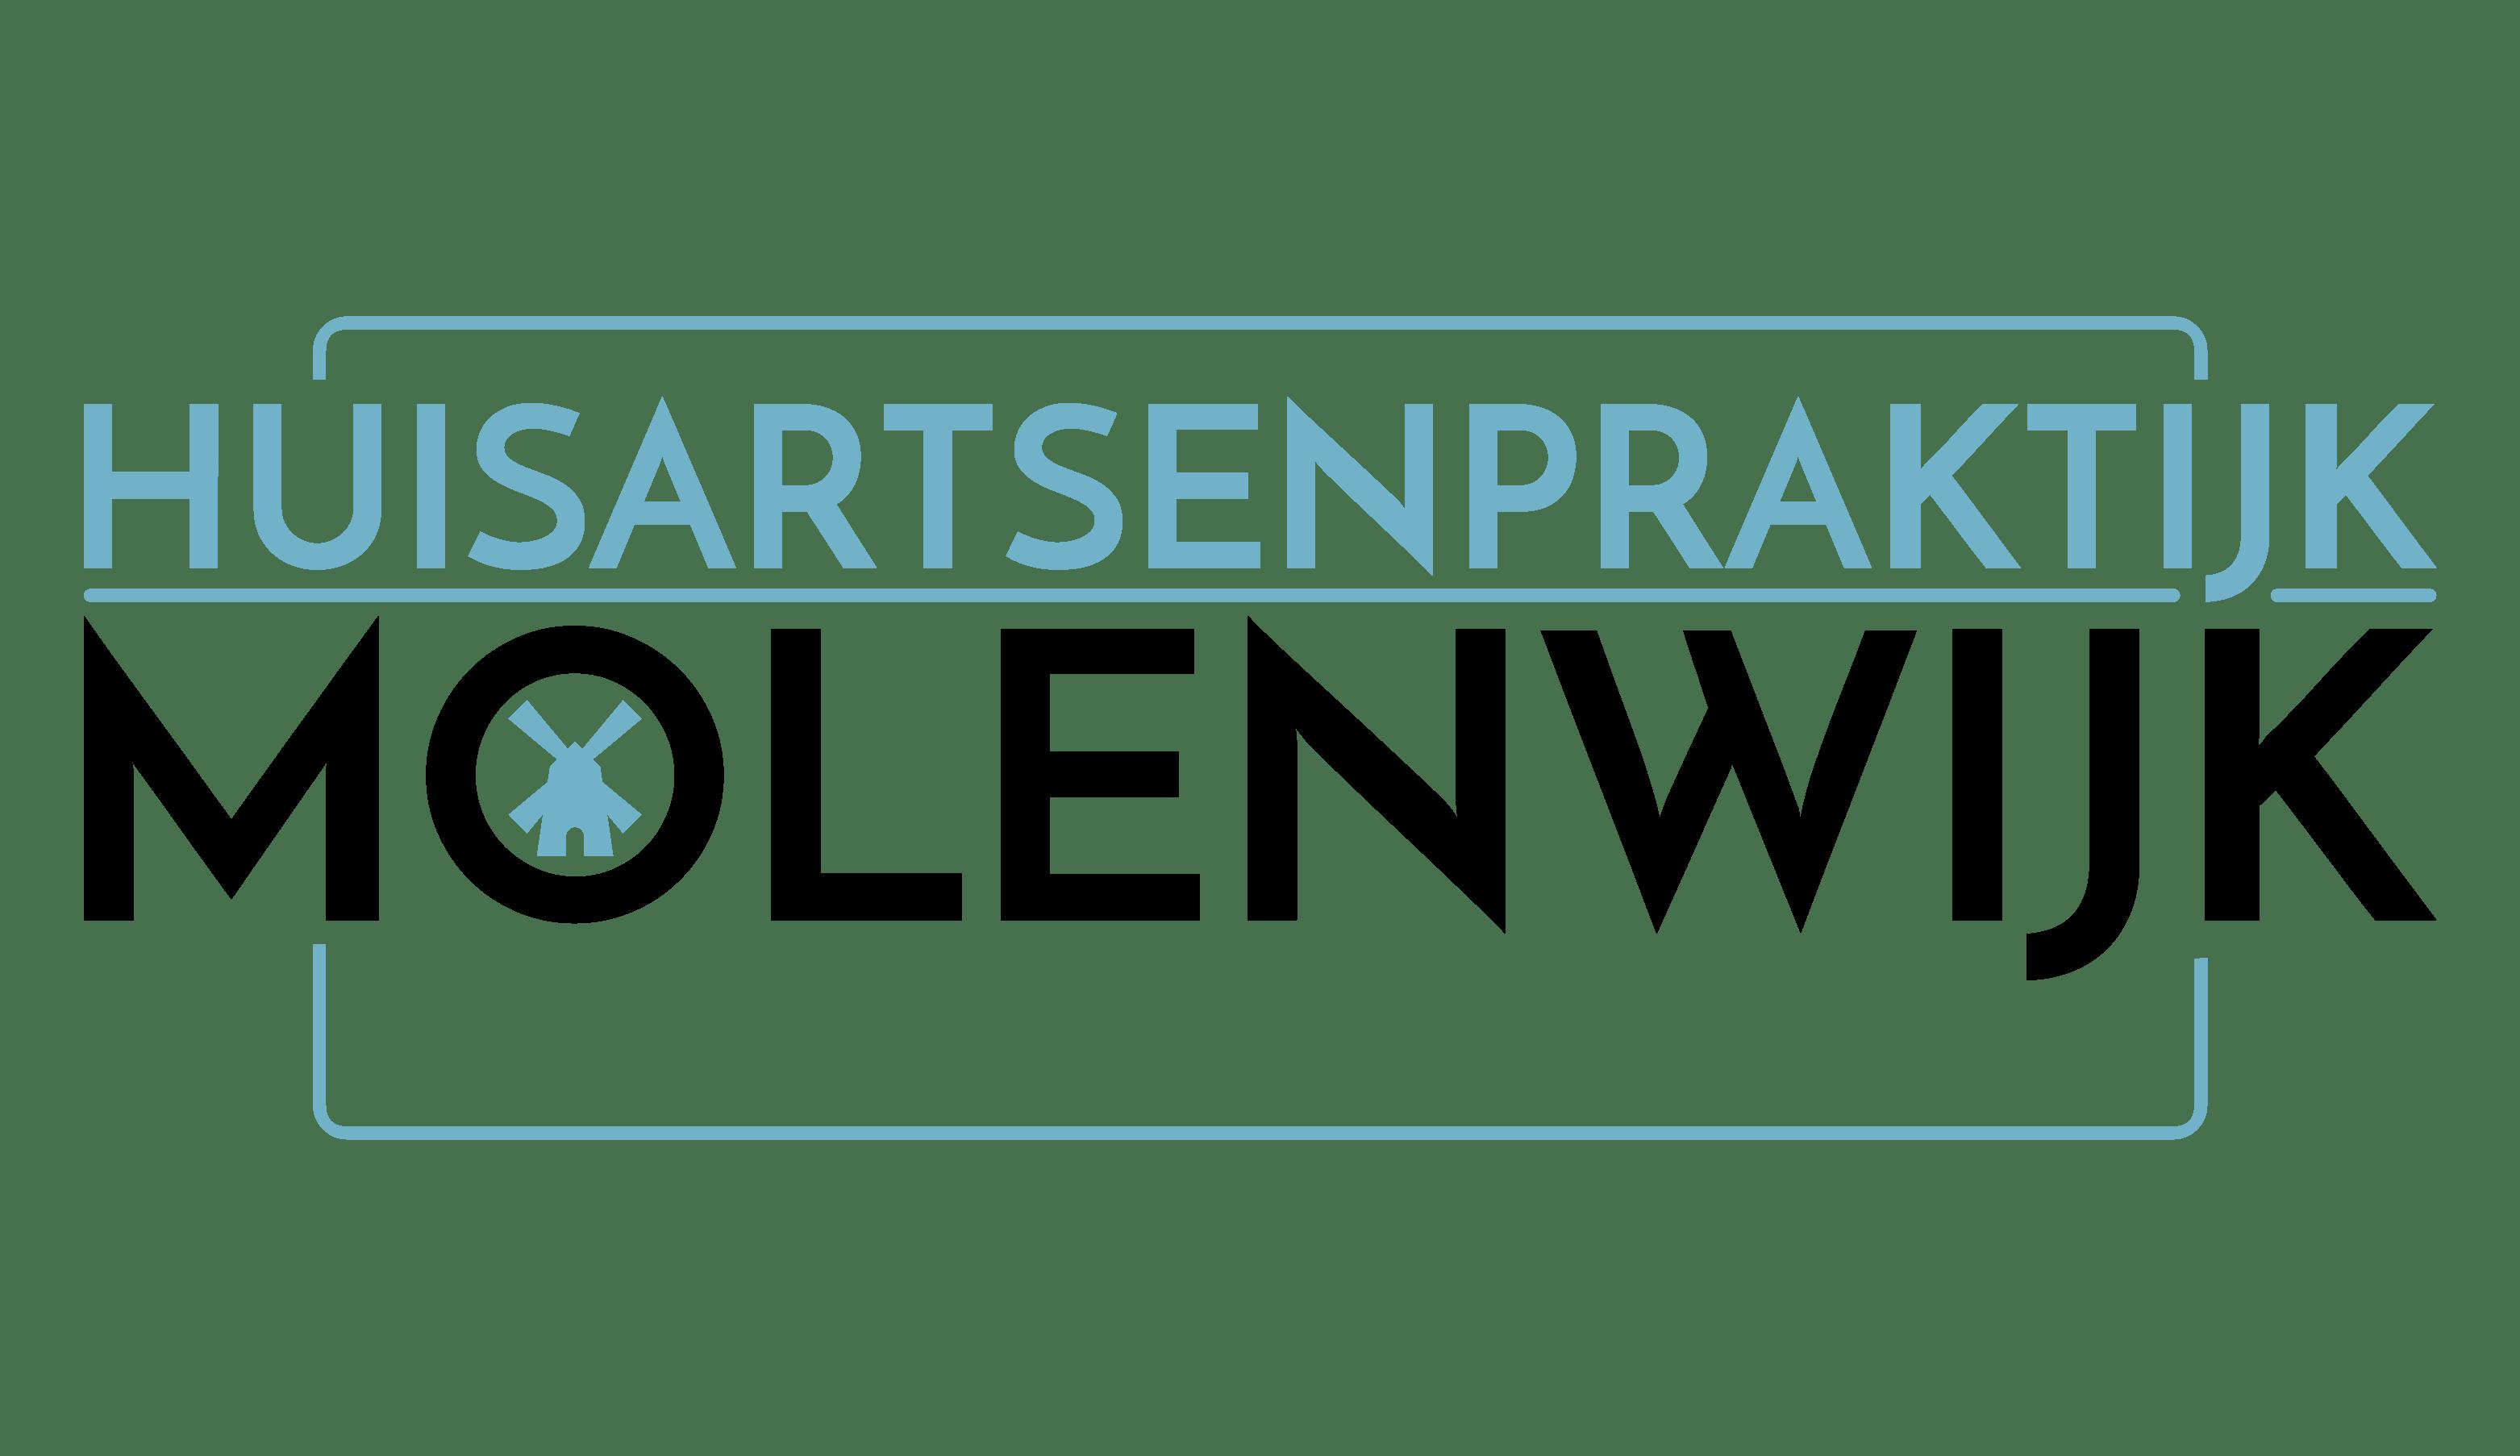 Huisartsenpraktijk Molenwijk